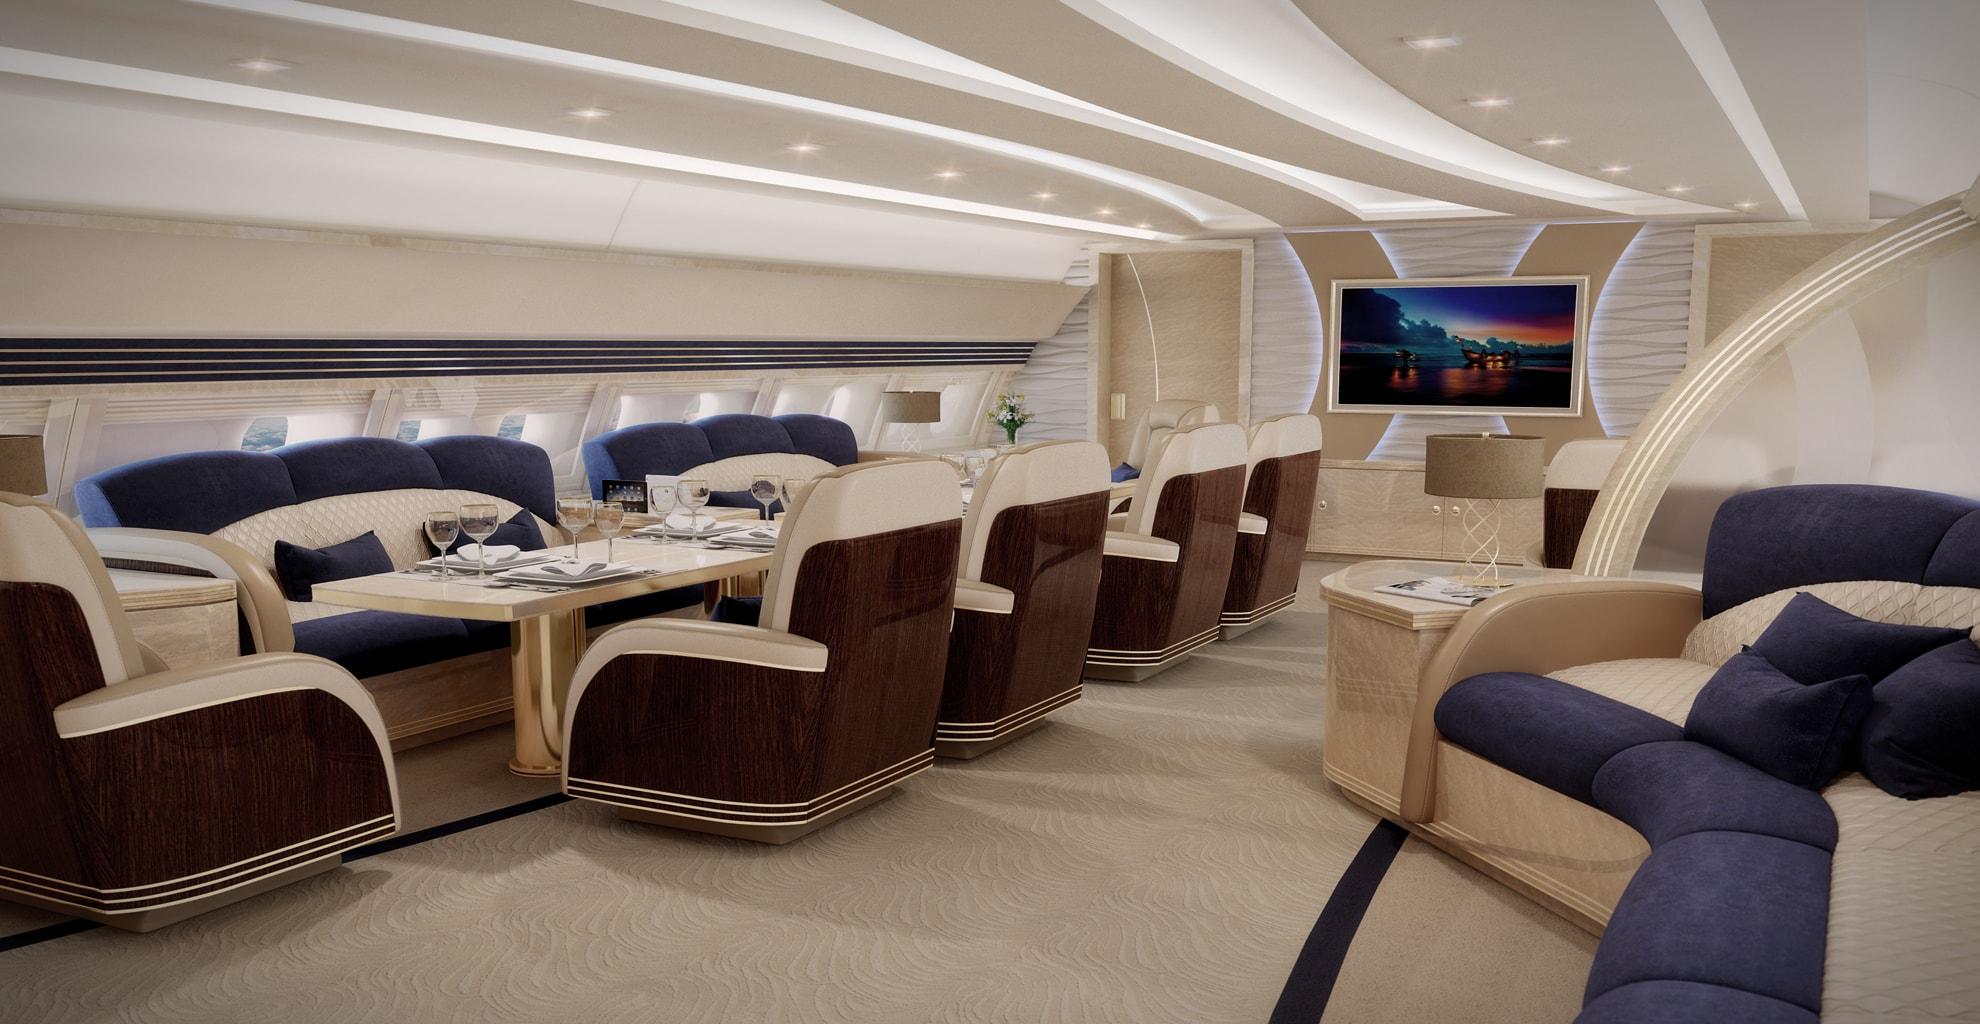 Airbus Acj 340 500 Dining Room Interior Designs